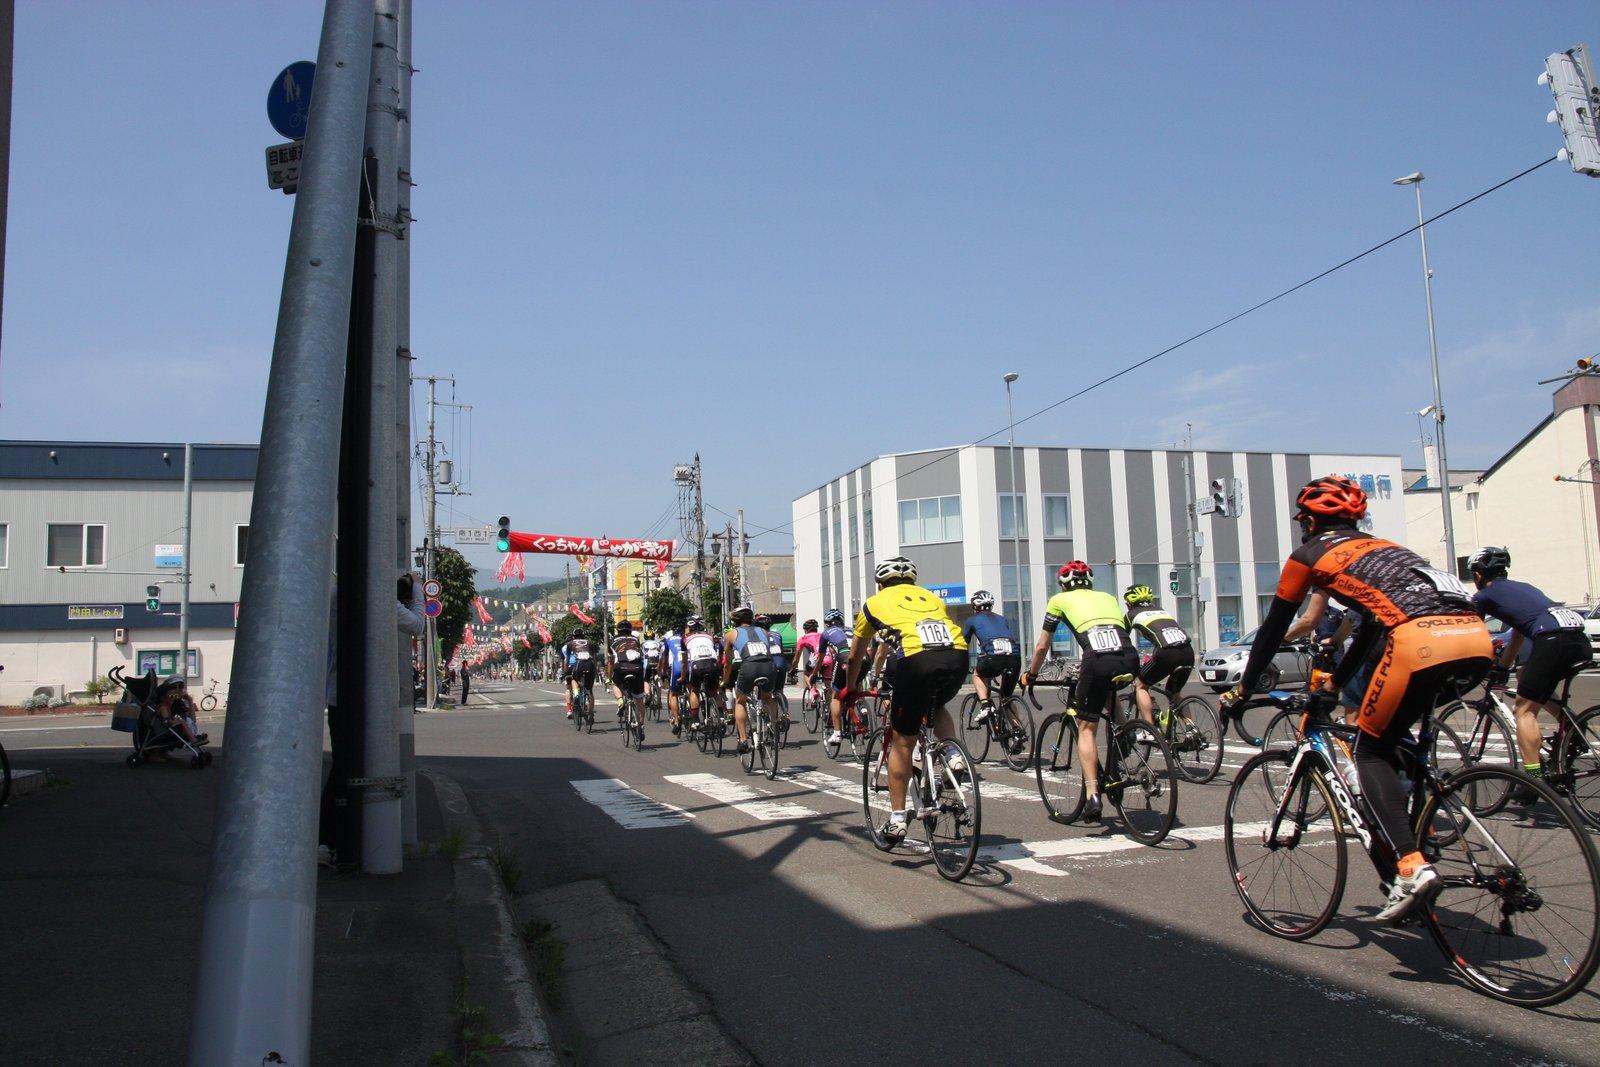 じゃが祭りの会場をパレード走行する自転車選手たち